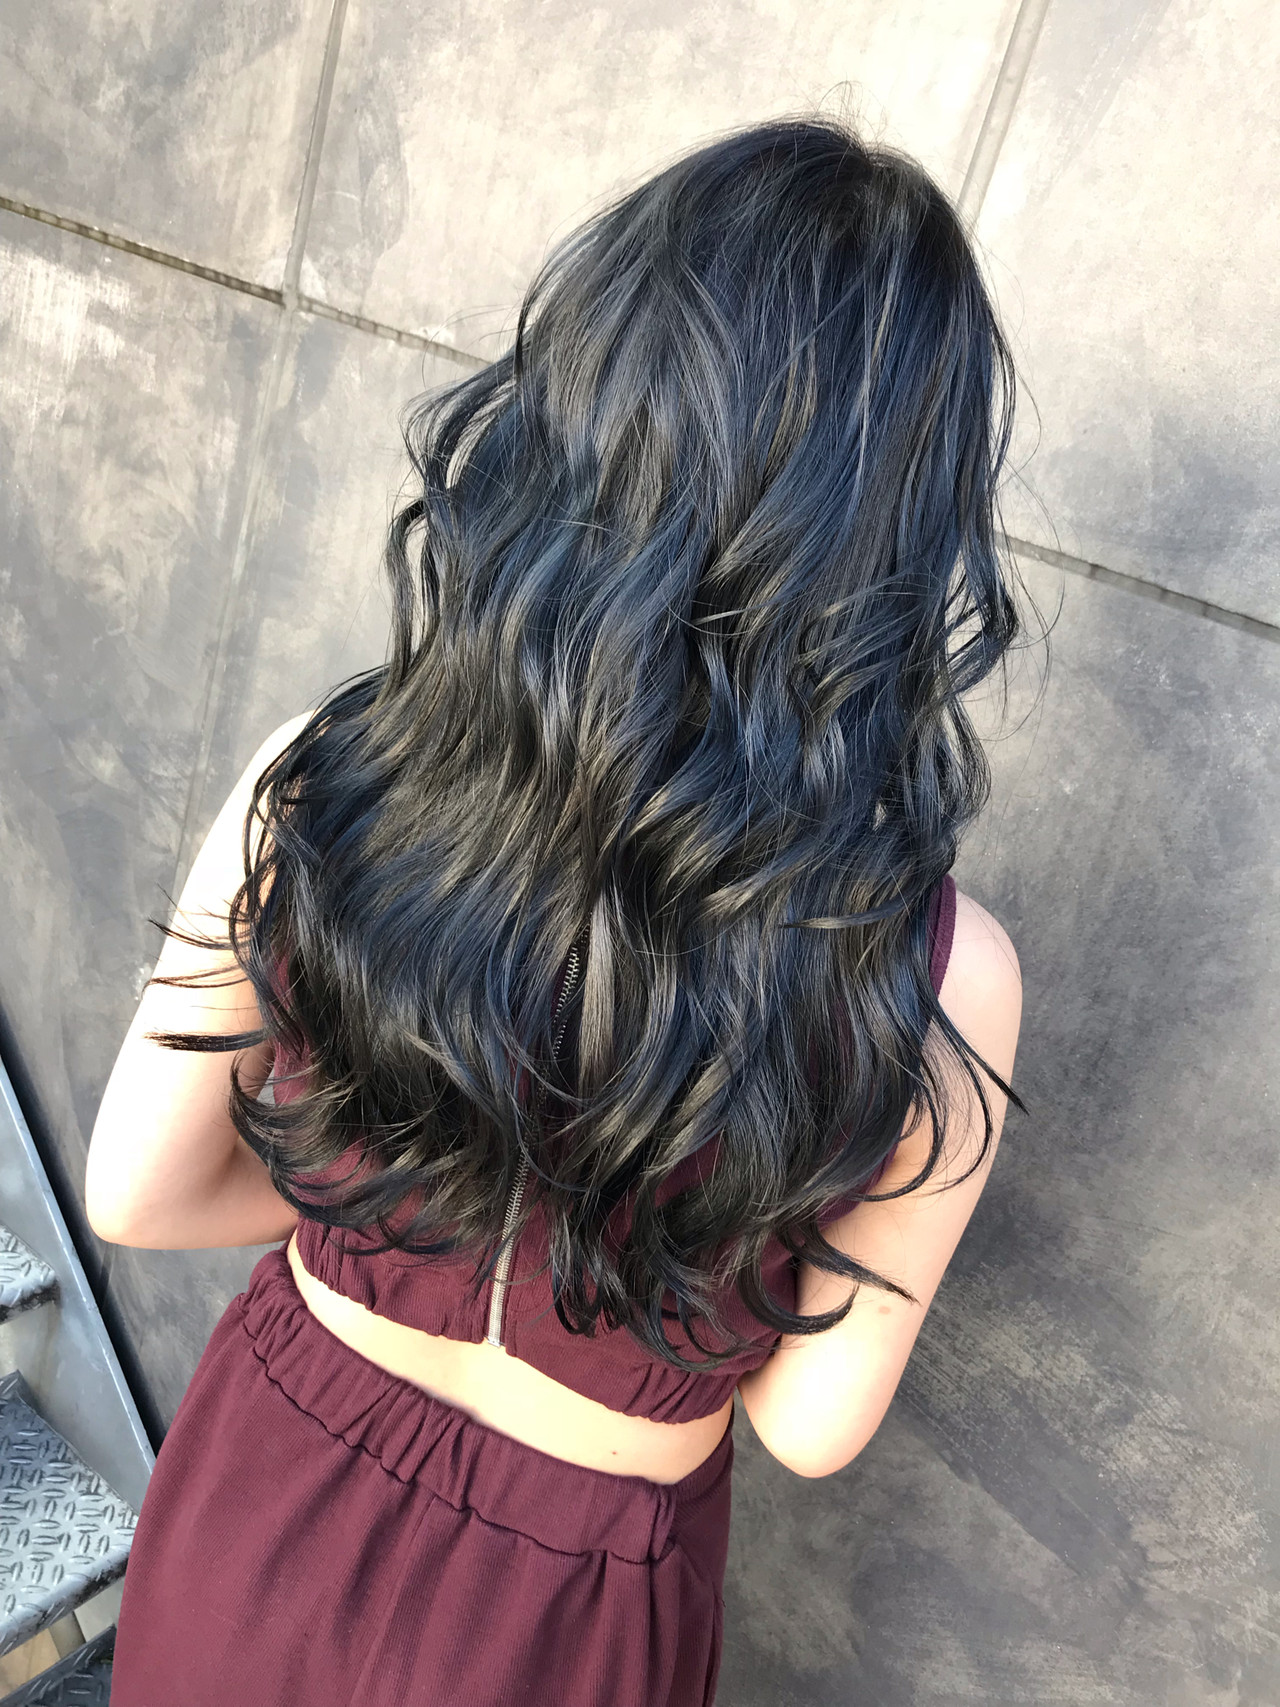 ネイビー コリアンネイビー ネイビーブルー ネイビーアッシュ ヘアスタイルや髪型の写真・画像 | TOMOYA / FOLK フォーク 恵比寿